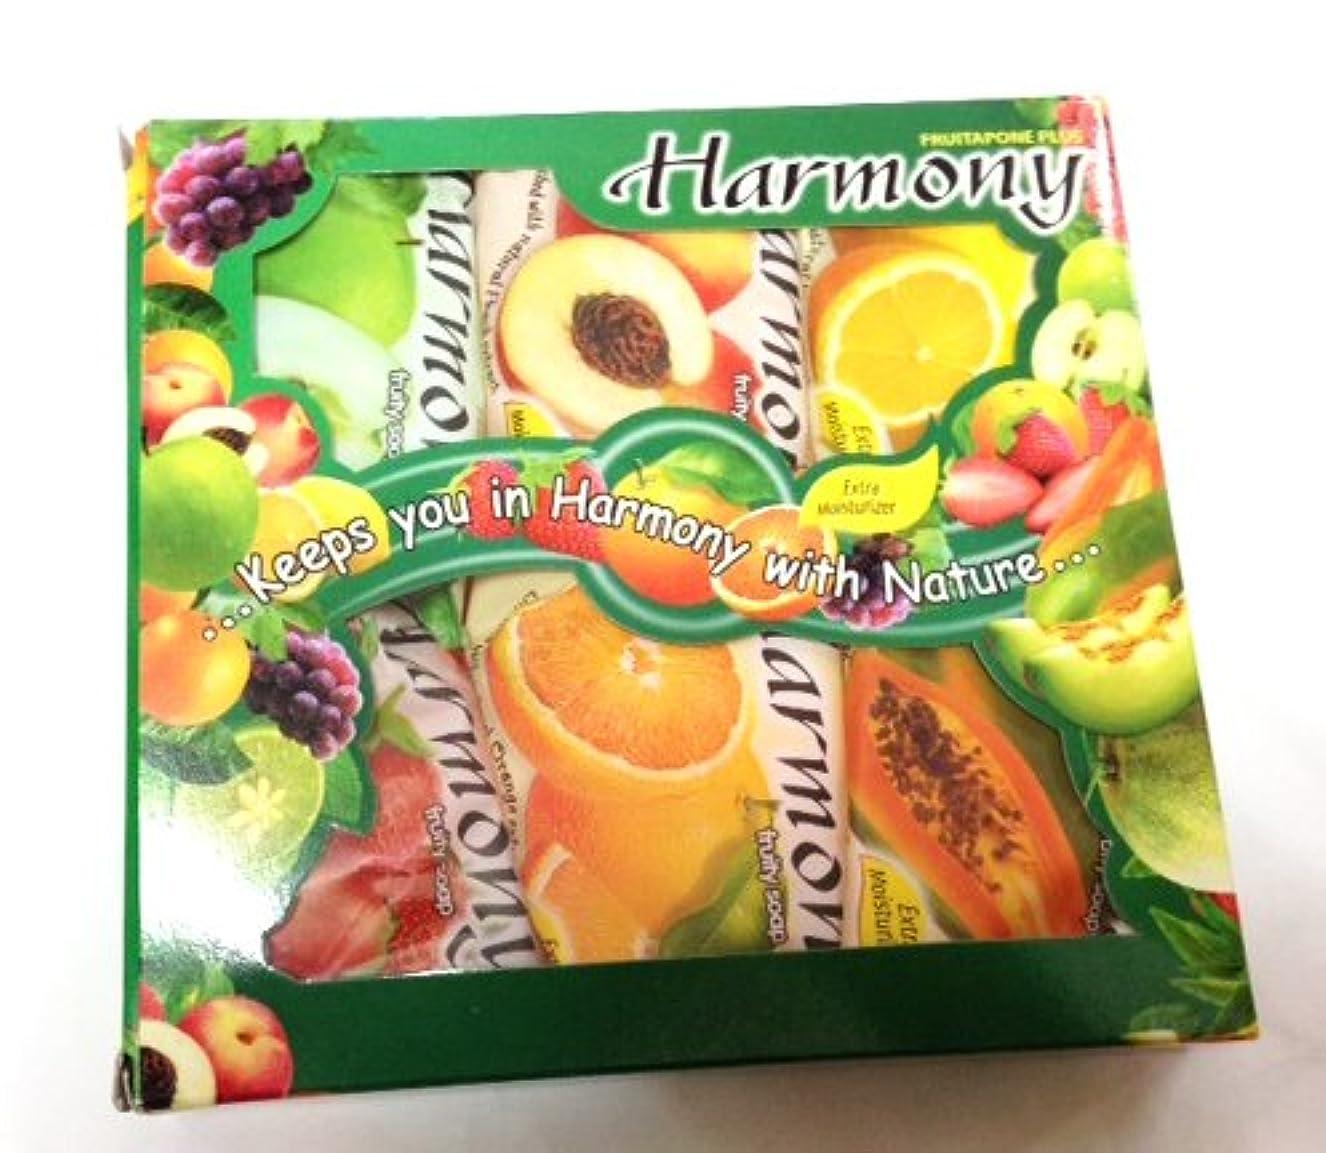 しがみつく前述の平行ハーモニー フルーティーソープ 6個セット パパイヤ ピーチ オレンジ レモン アップル イチゴ